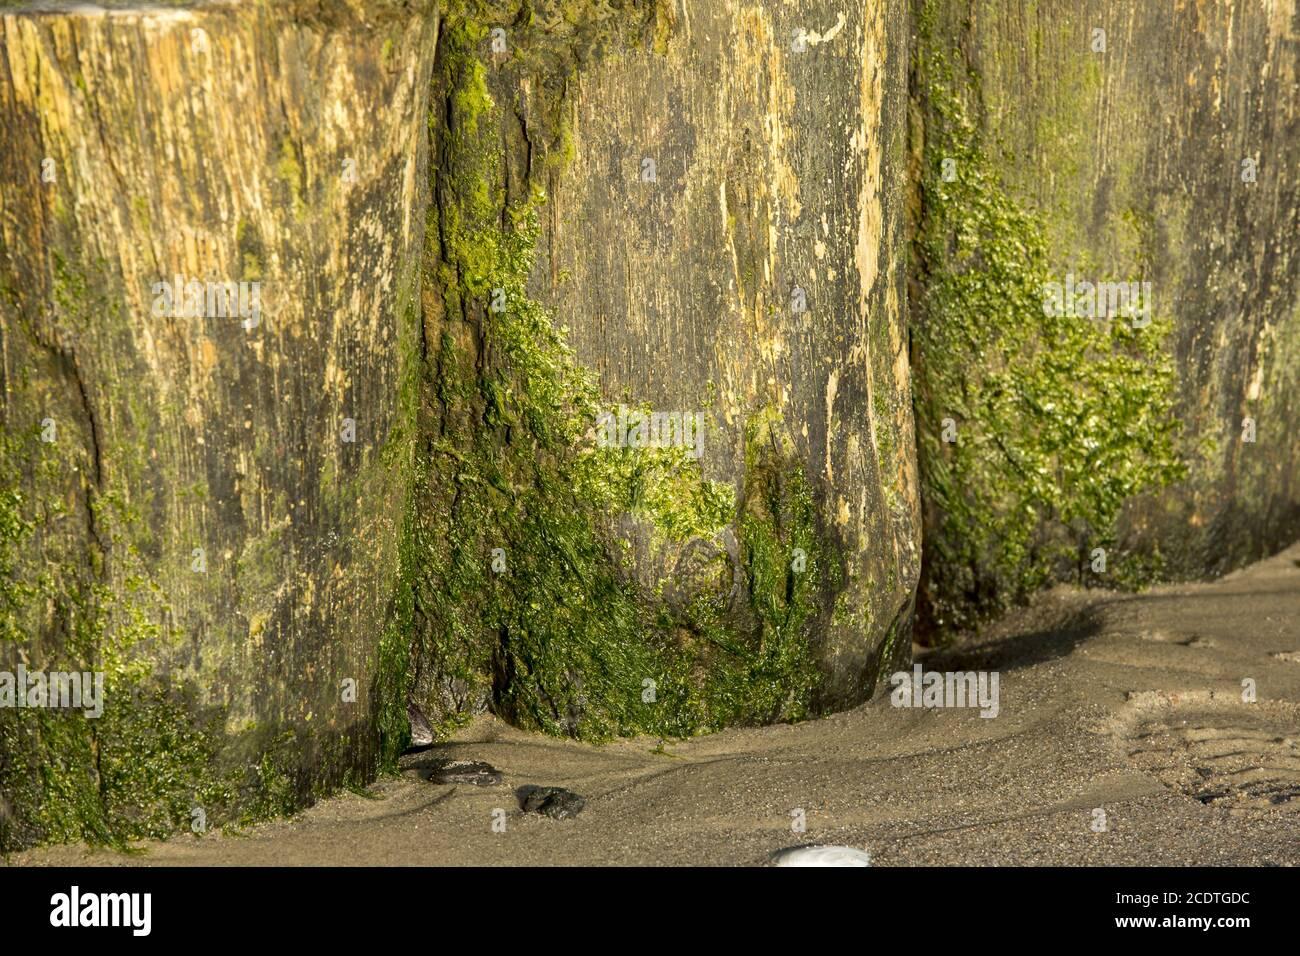 Primo piano di groynes sulla spiaggia di sabbia di cui si è addolcito alghe verdi Foto Stock